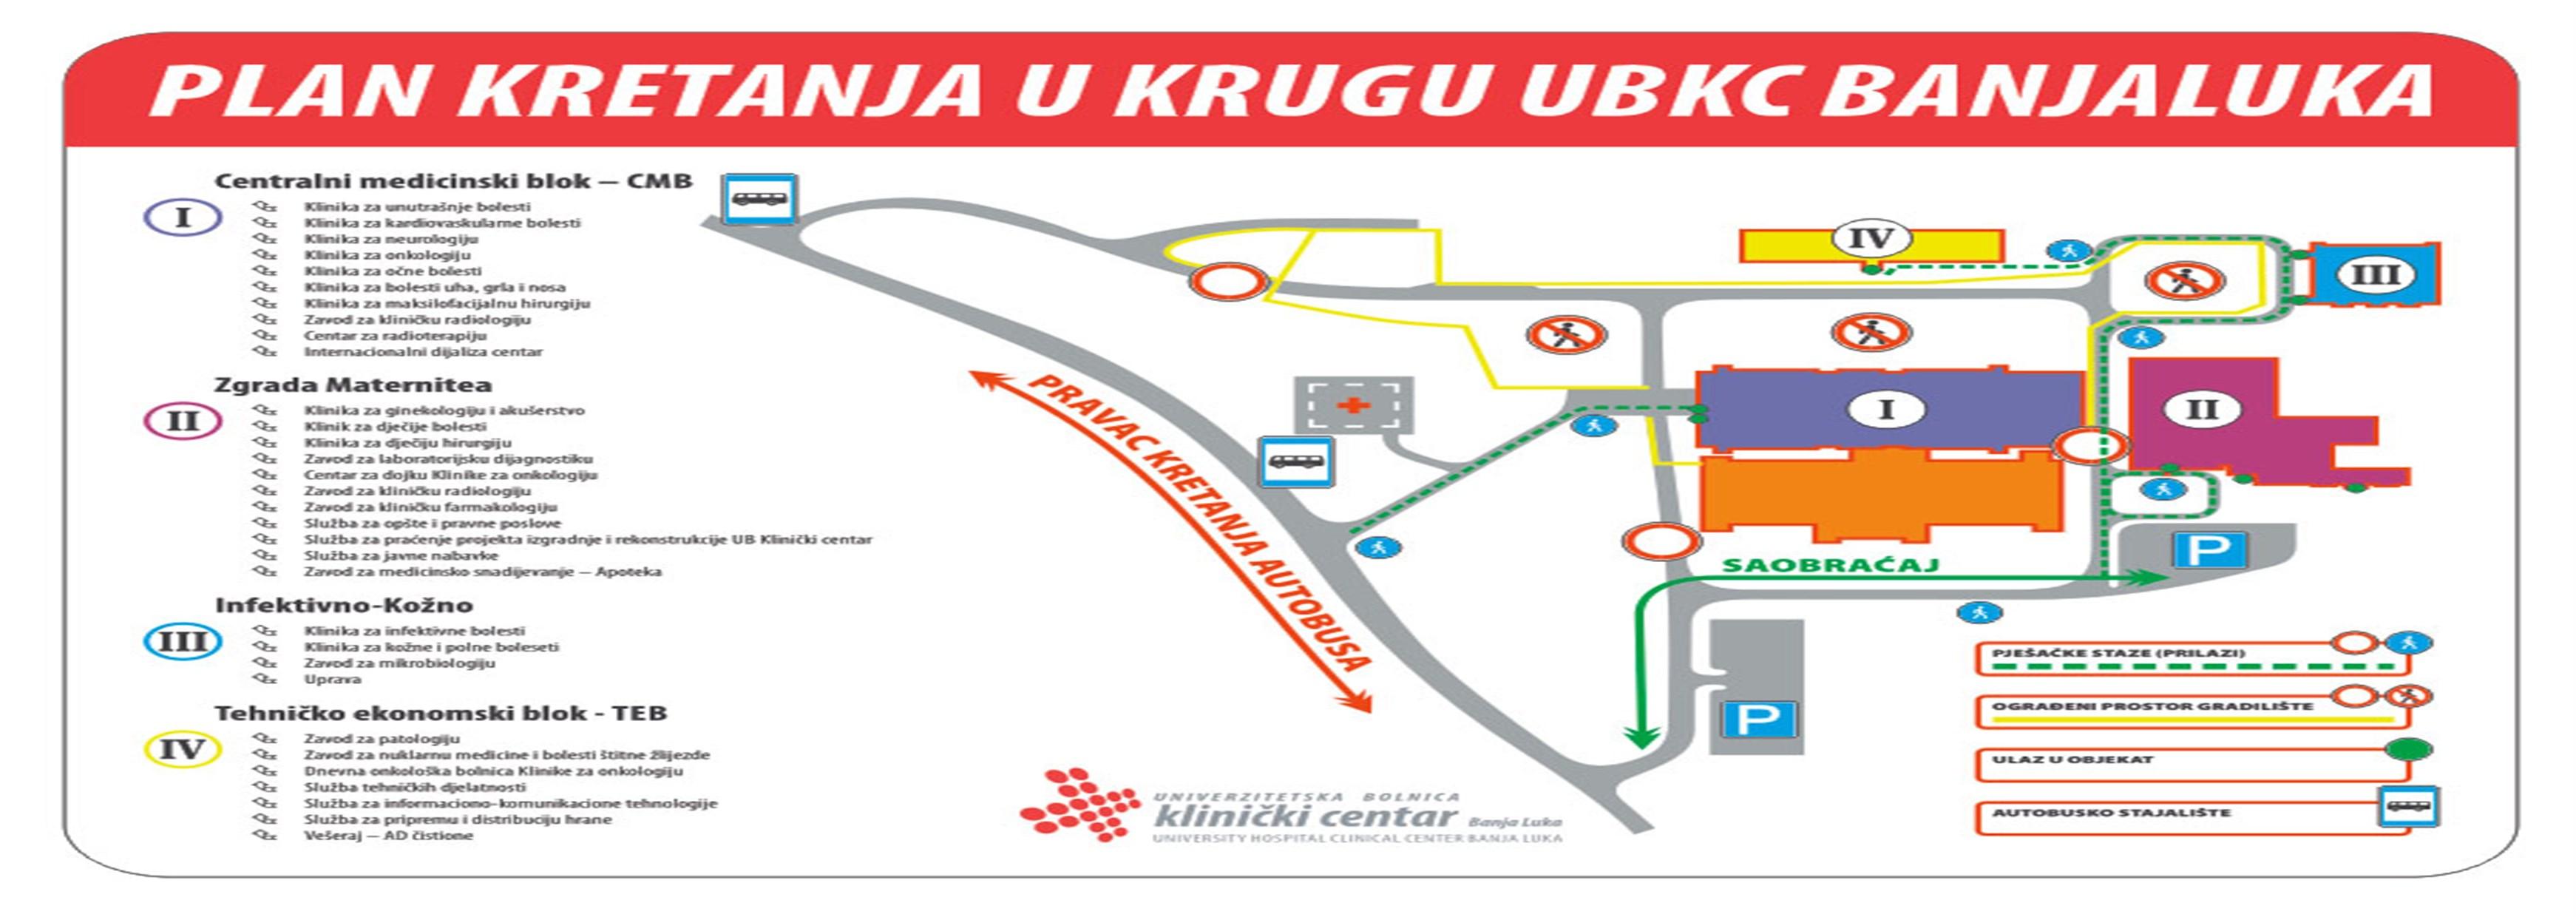 UBKC_table-3484-x-1240